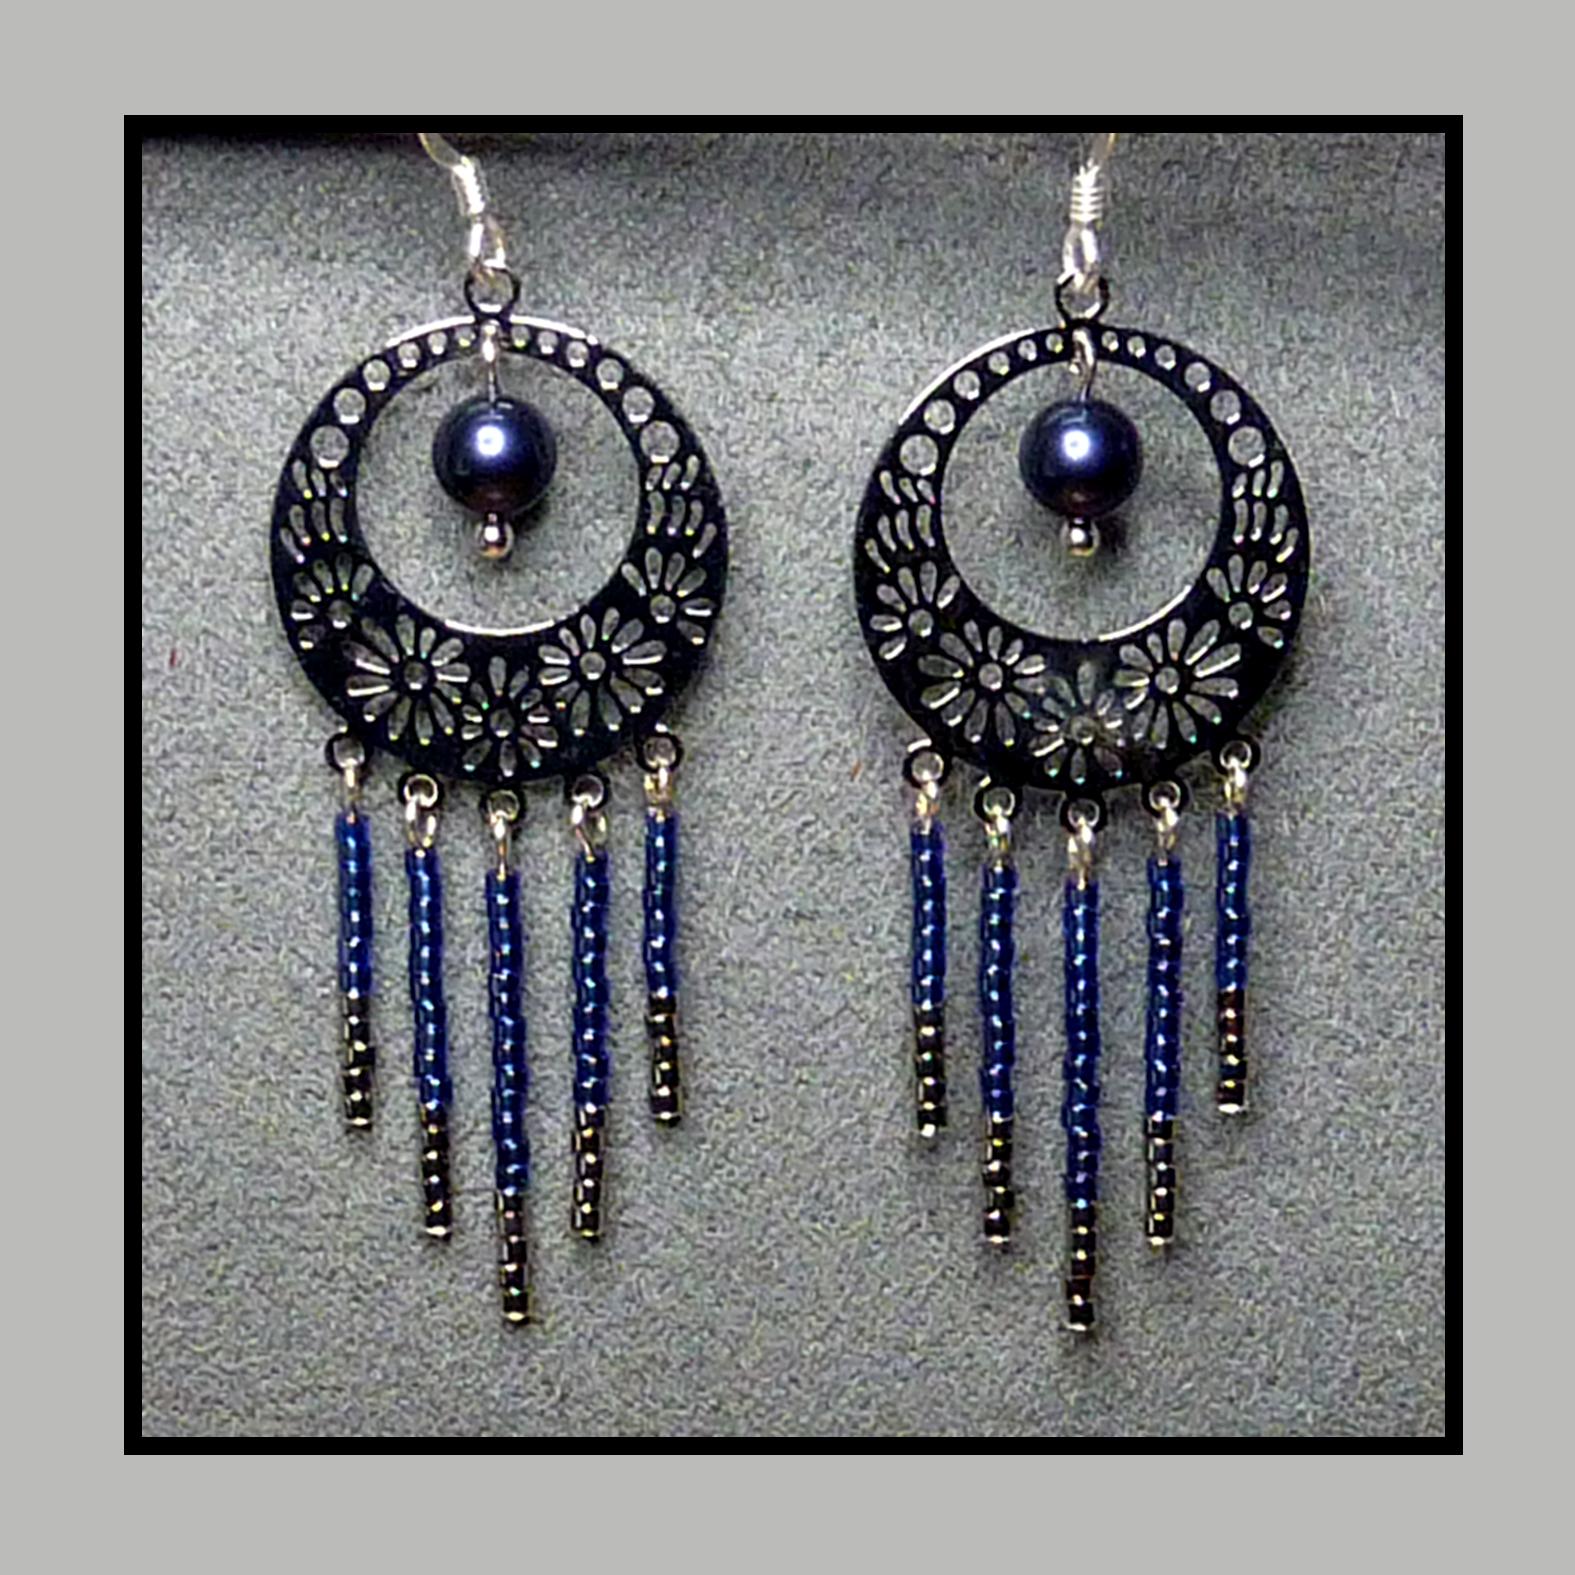 boucles d 39 oreilles cr oles et franges bleu marine accessoires femme par poesiebijoux. Black Bedroom Furniture Sets. Home Design Ideas